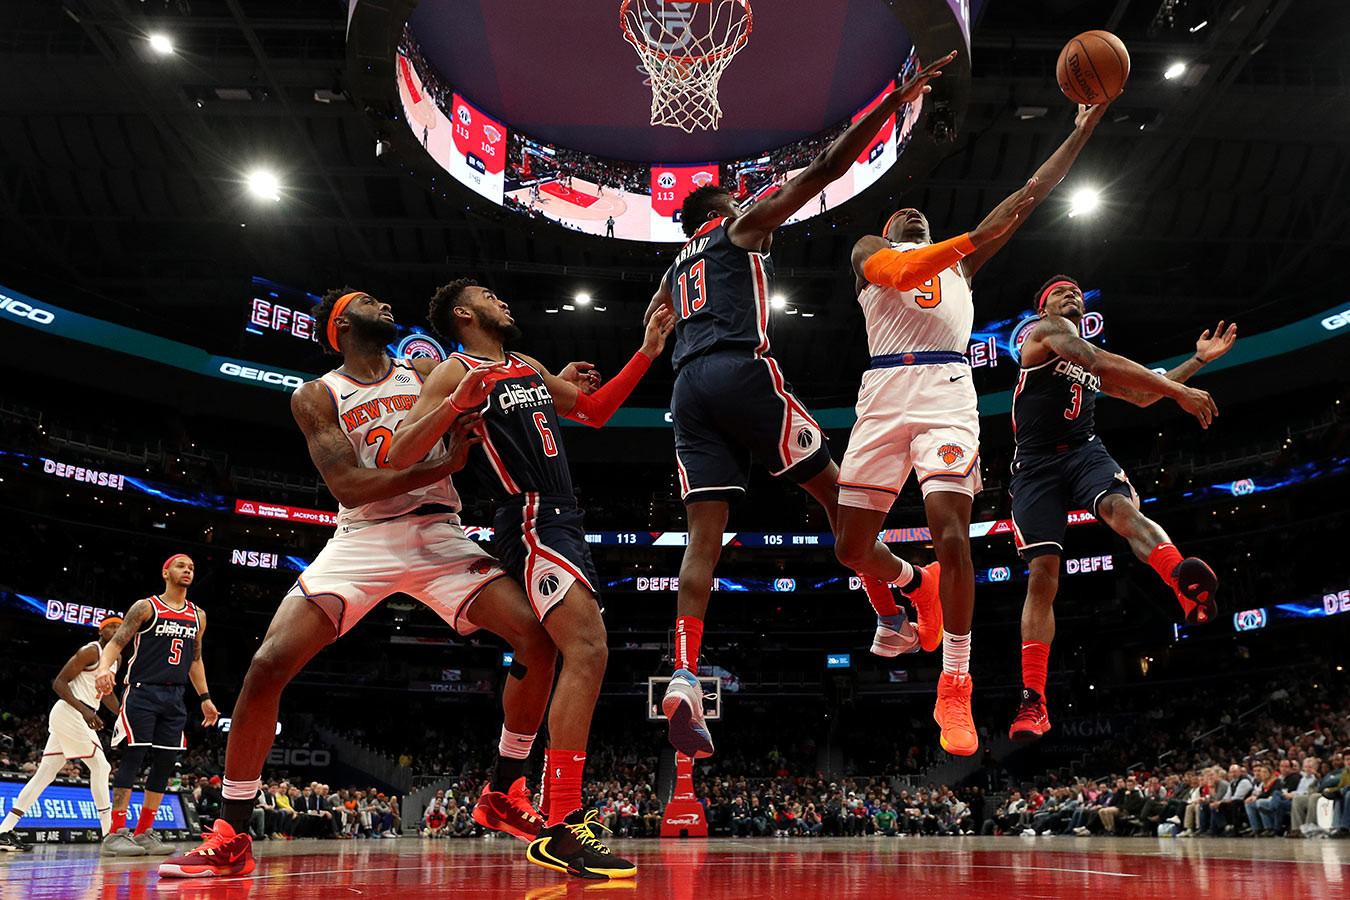 НБА хочет сократить количество матчей и стартовать до Нового года